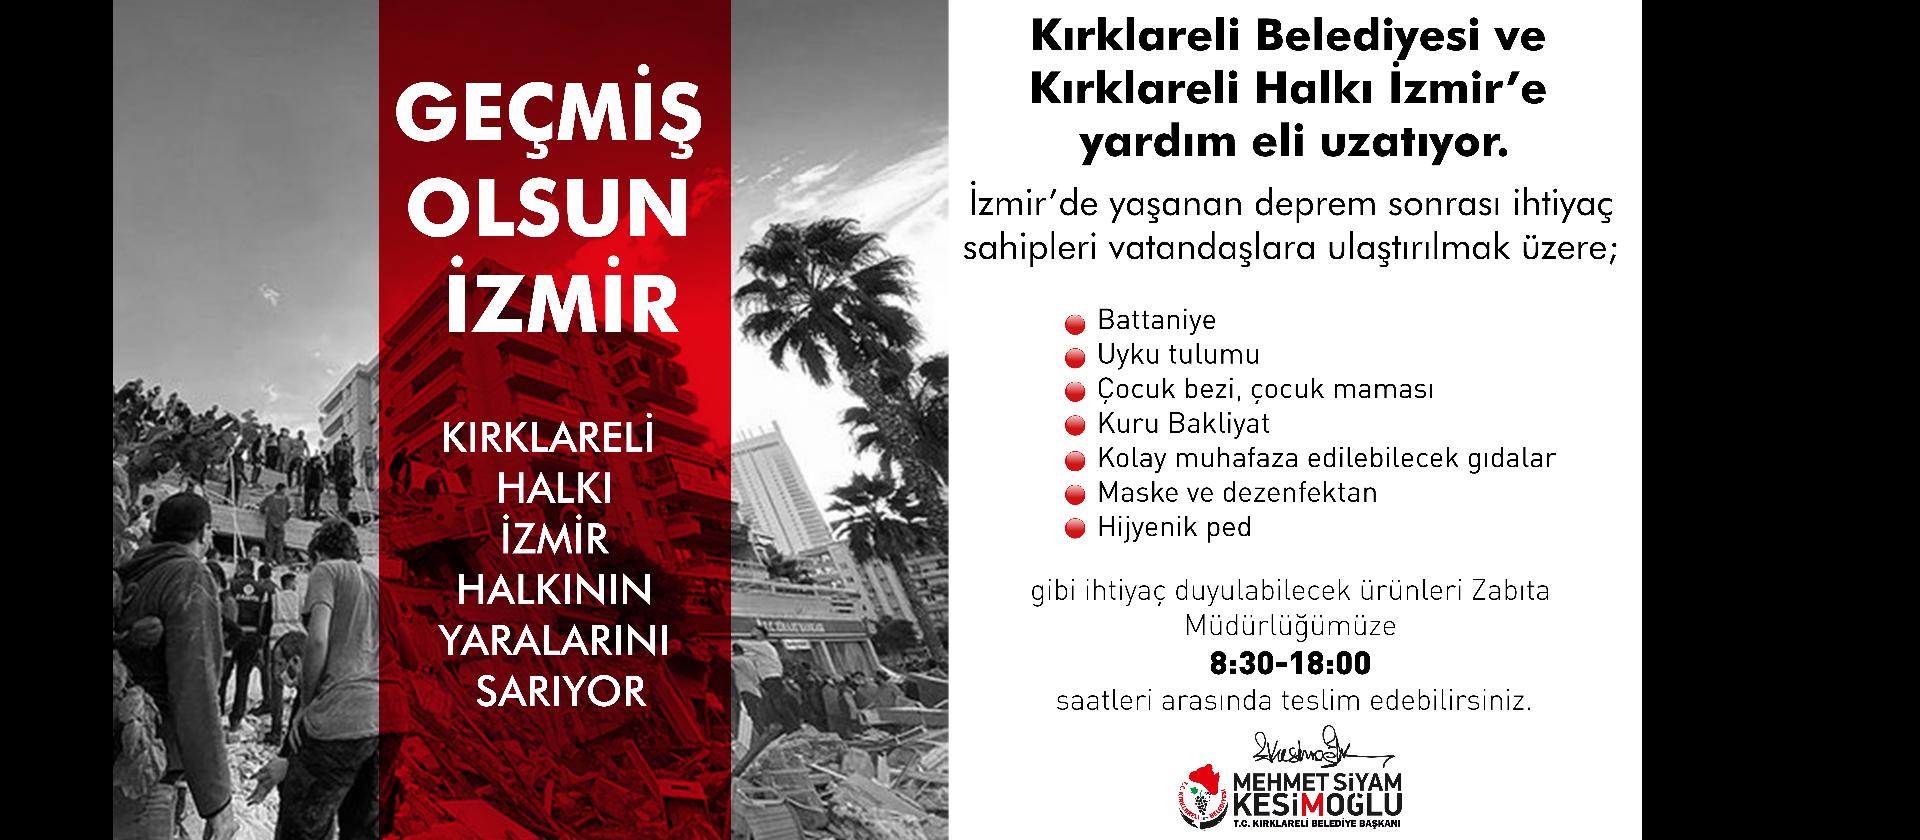 Kırklareli Belediyesi ve  Kırklareli Halkı İzmir'e  yardım eli uzatıyor.